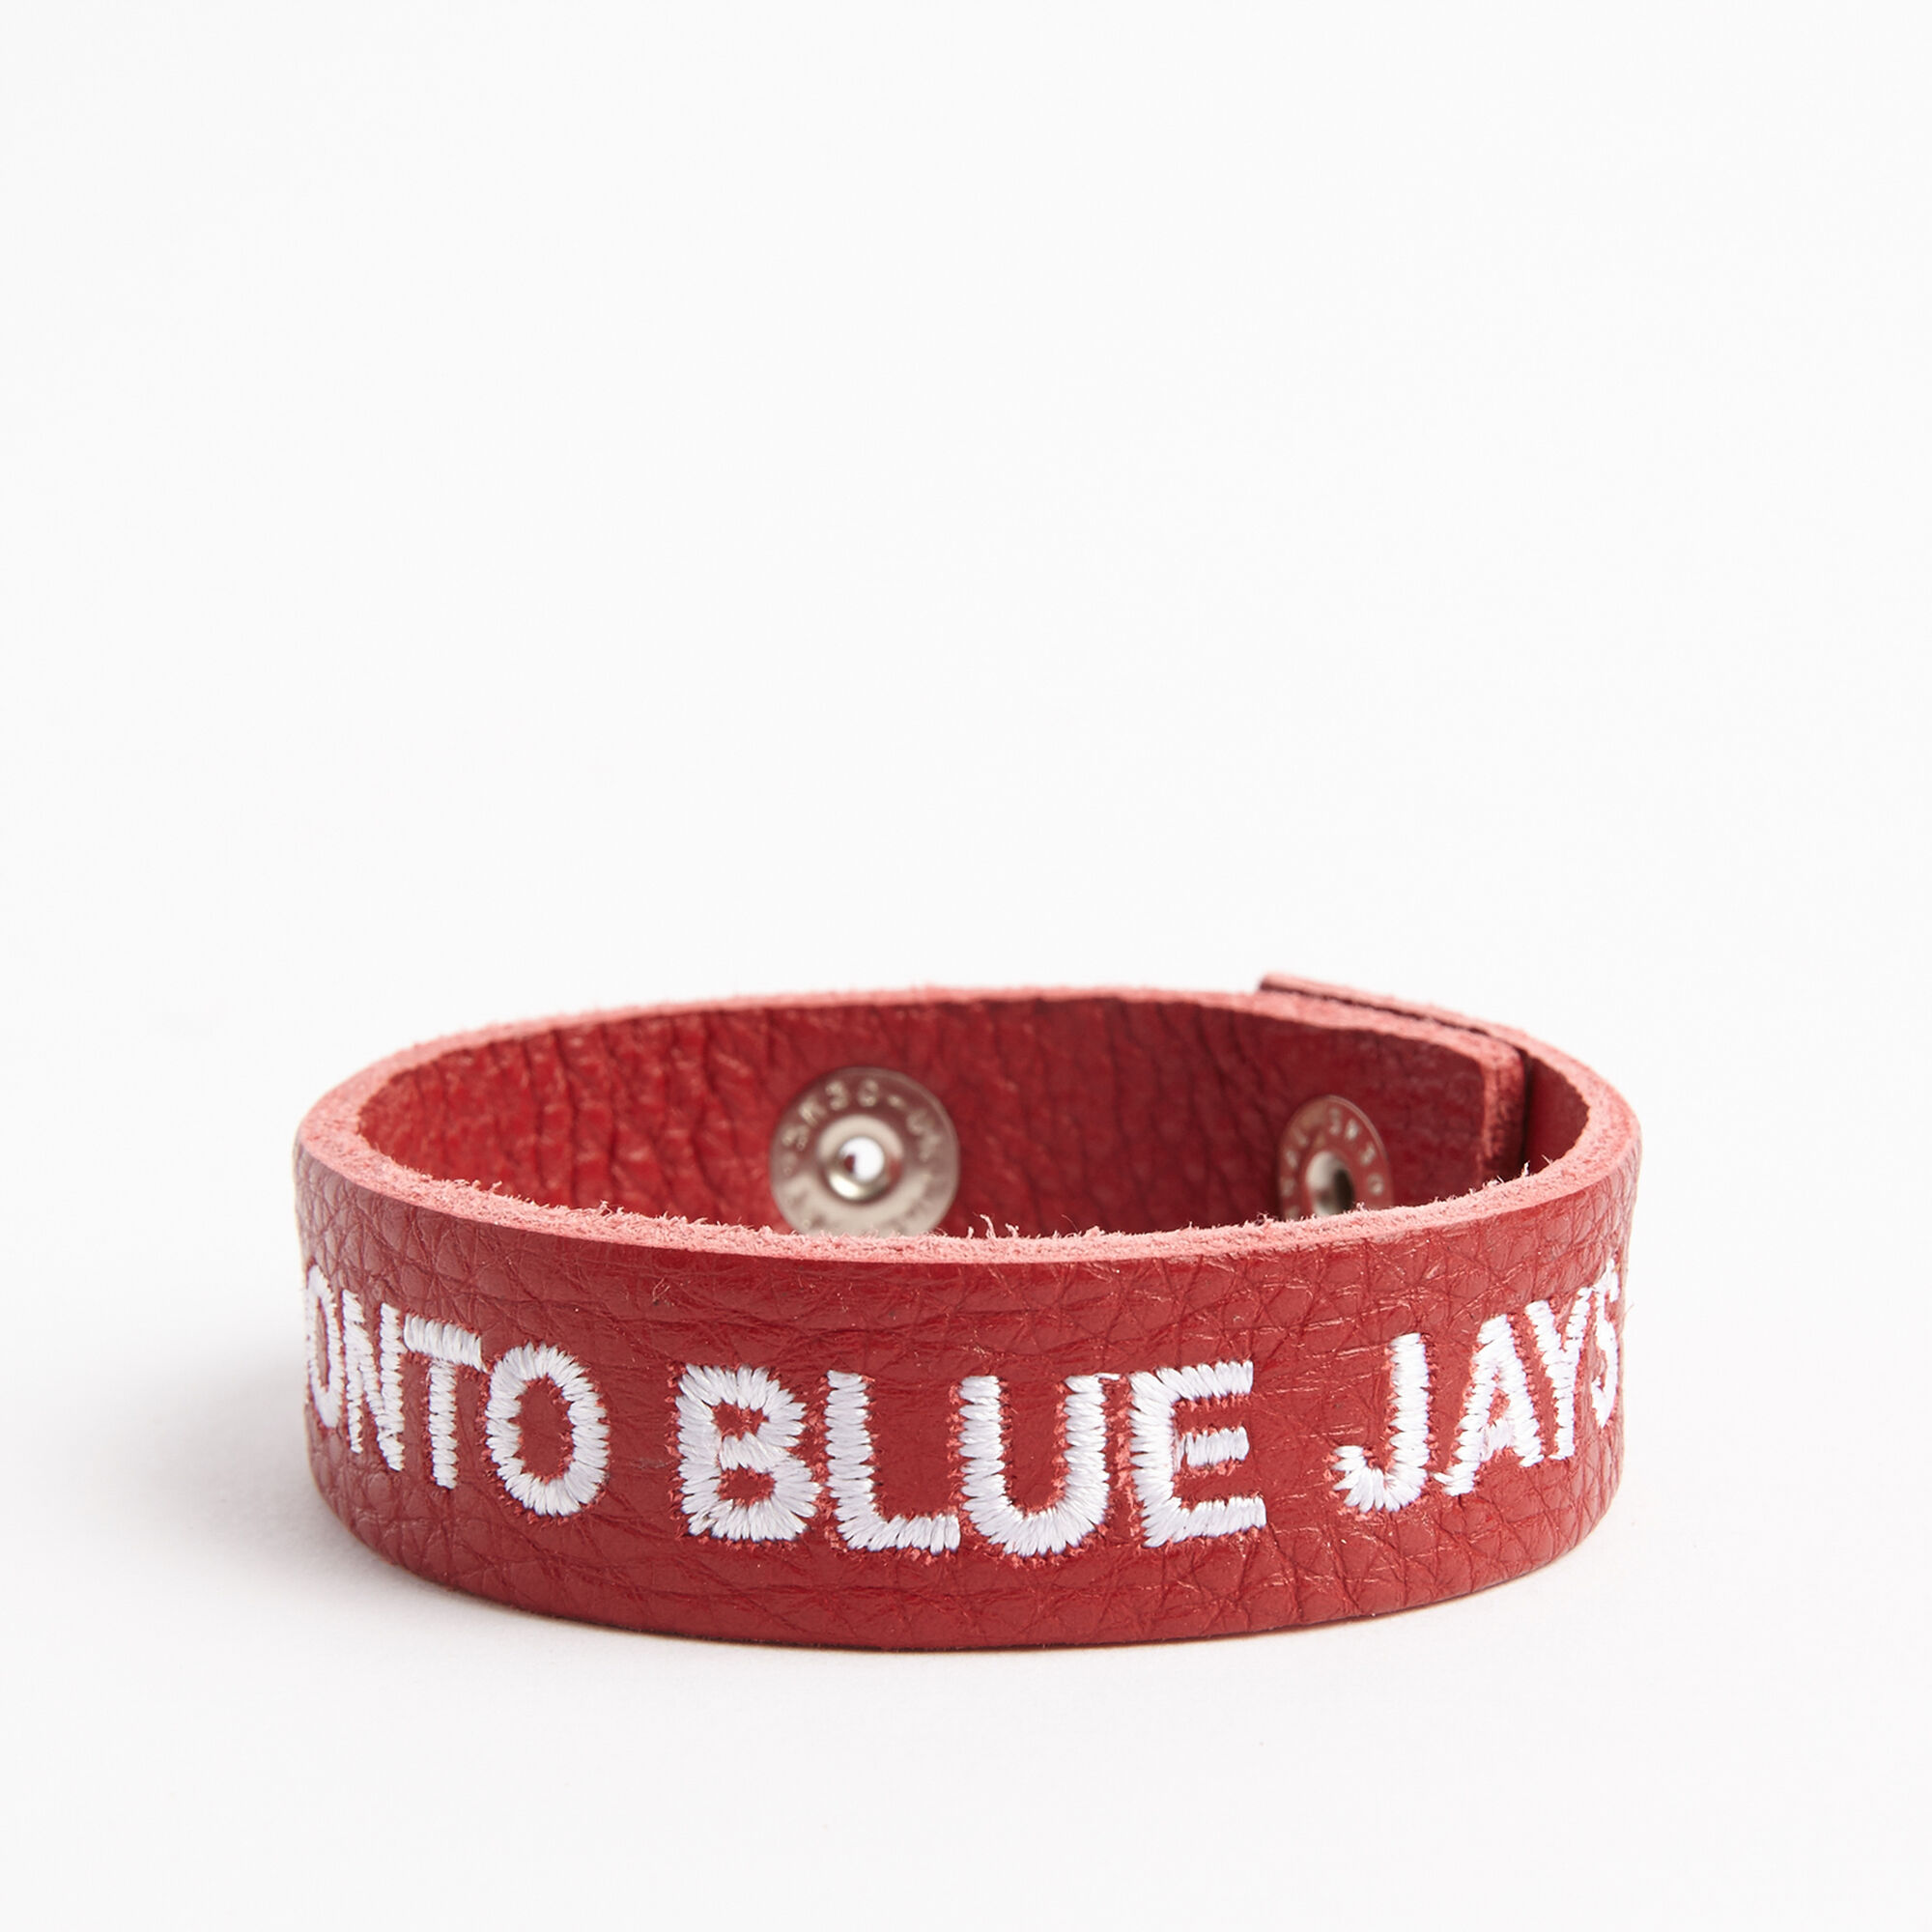 Blue Jays Leather Bracelet